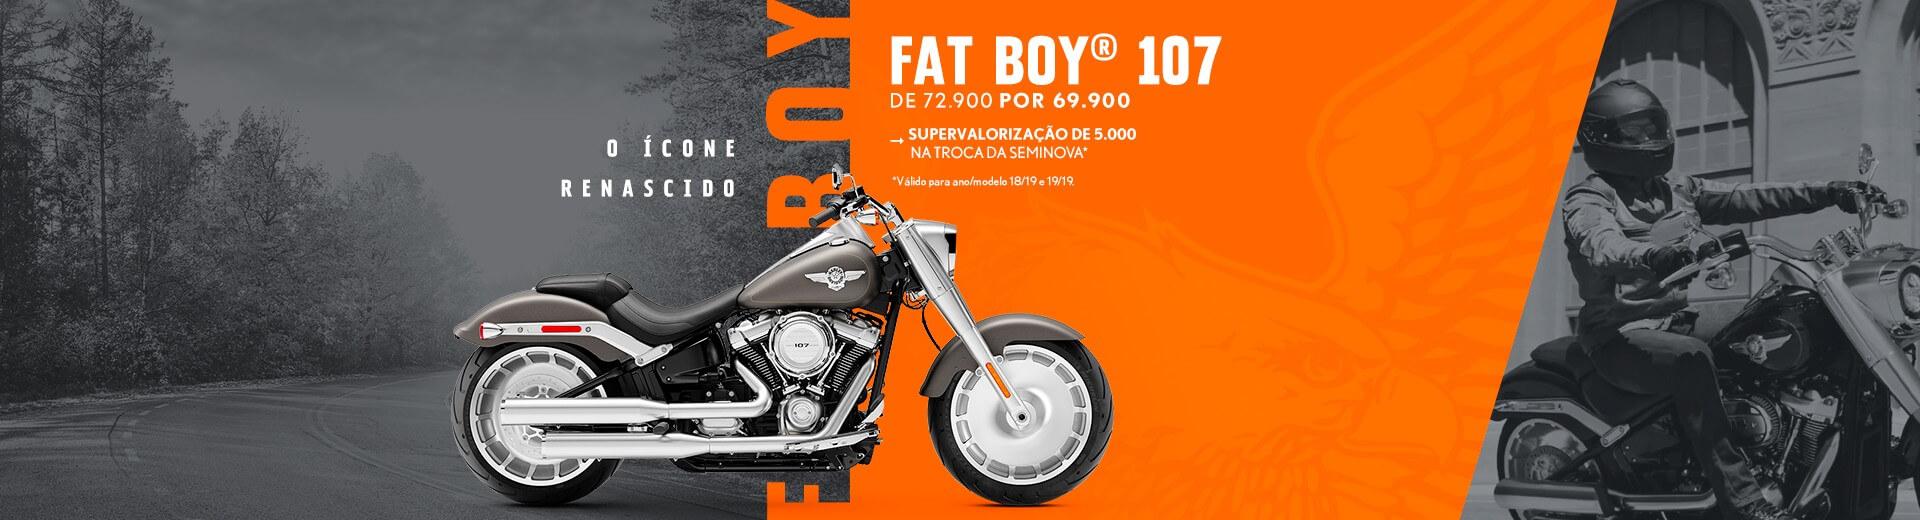 banner-home-fat-boy